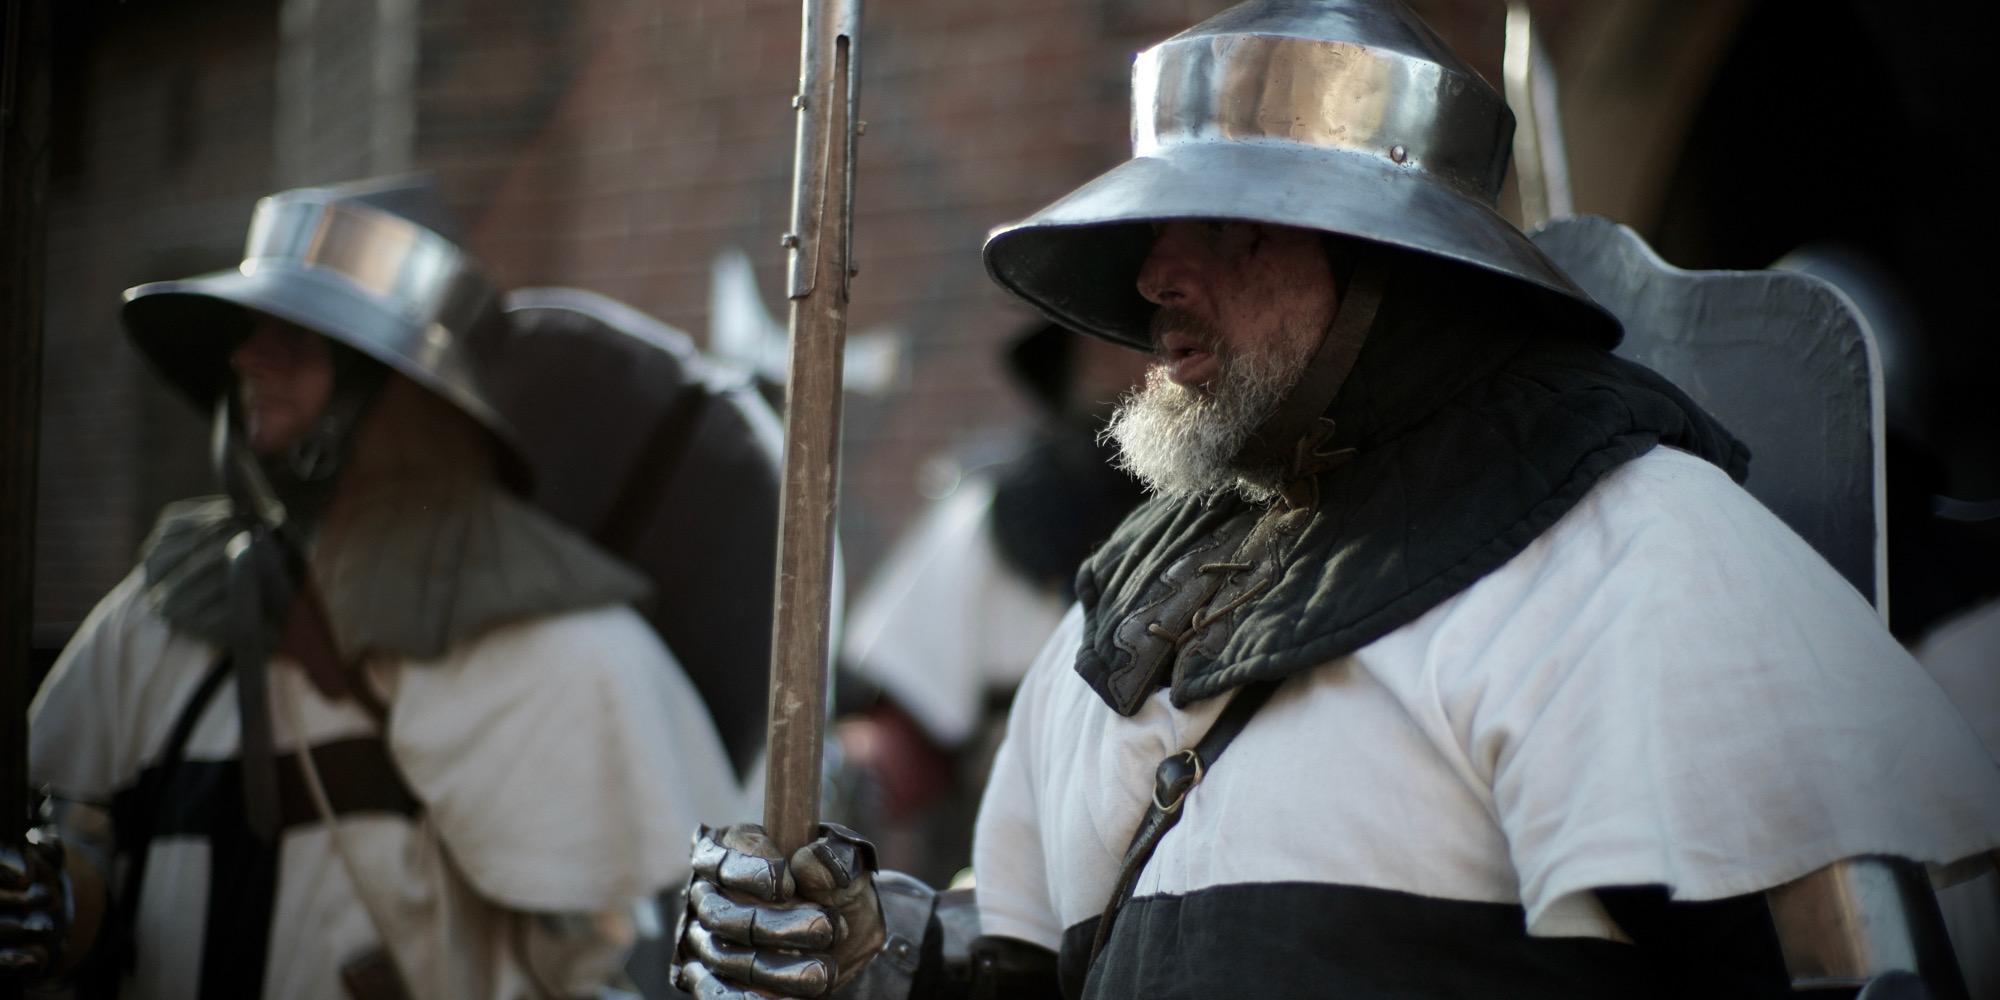 Krzyżacy gotowi do boju. Kadr z filmu 'Habit i zbroja' (fot. materiały prasowe)